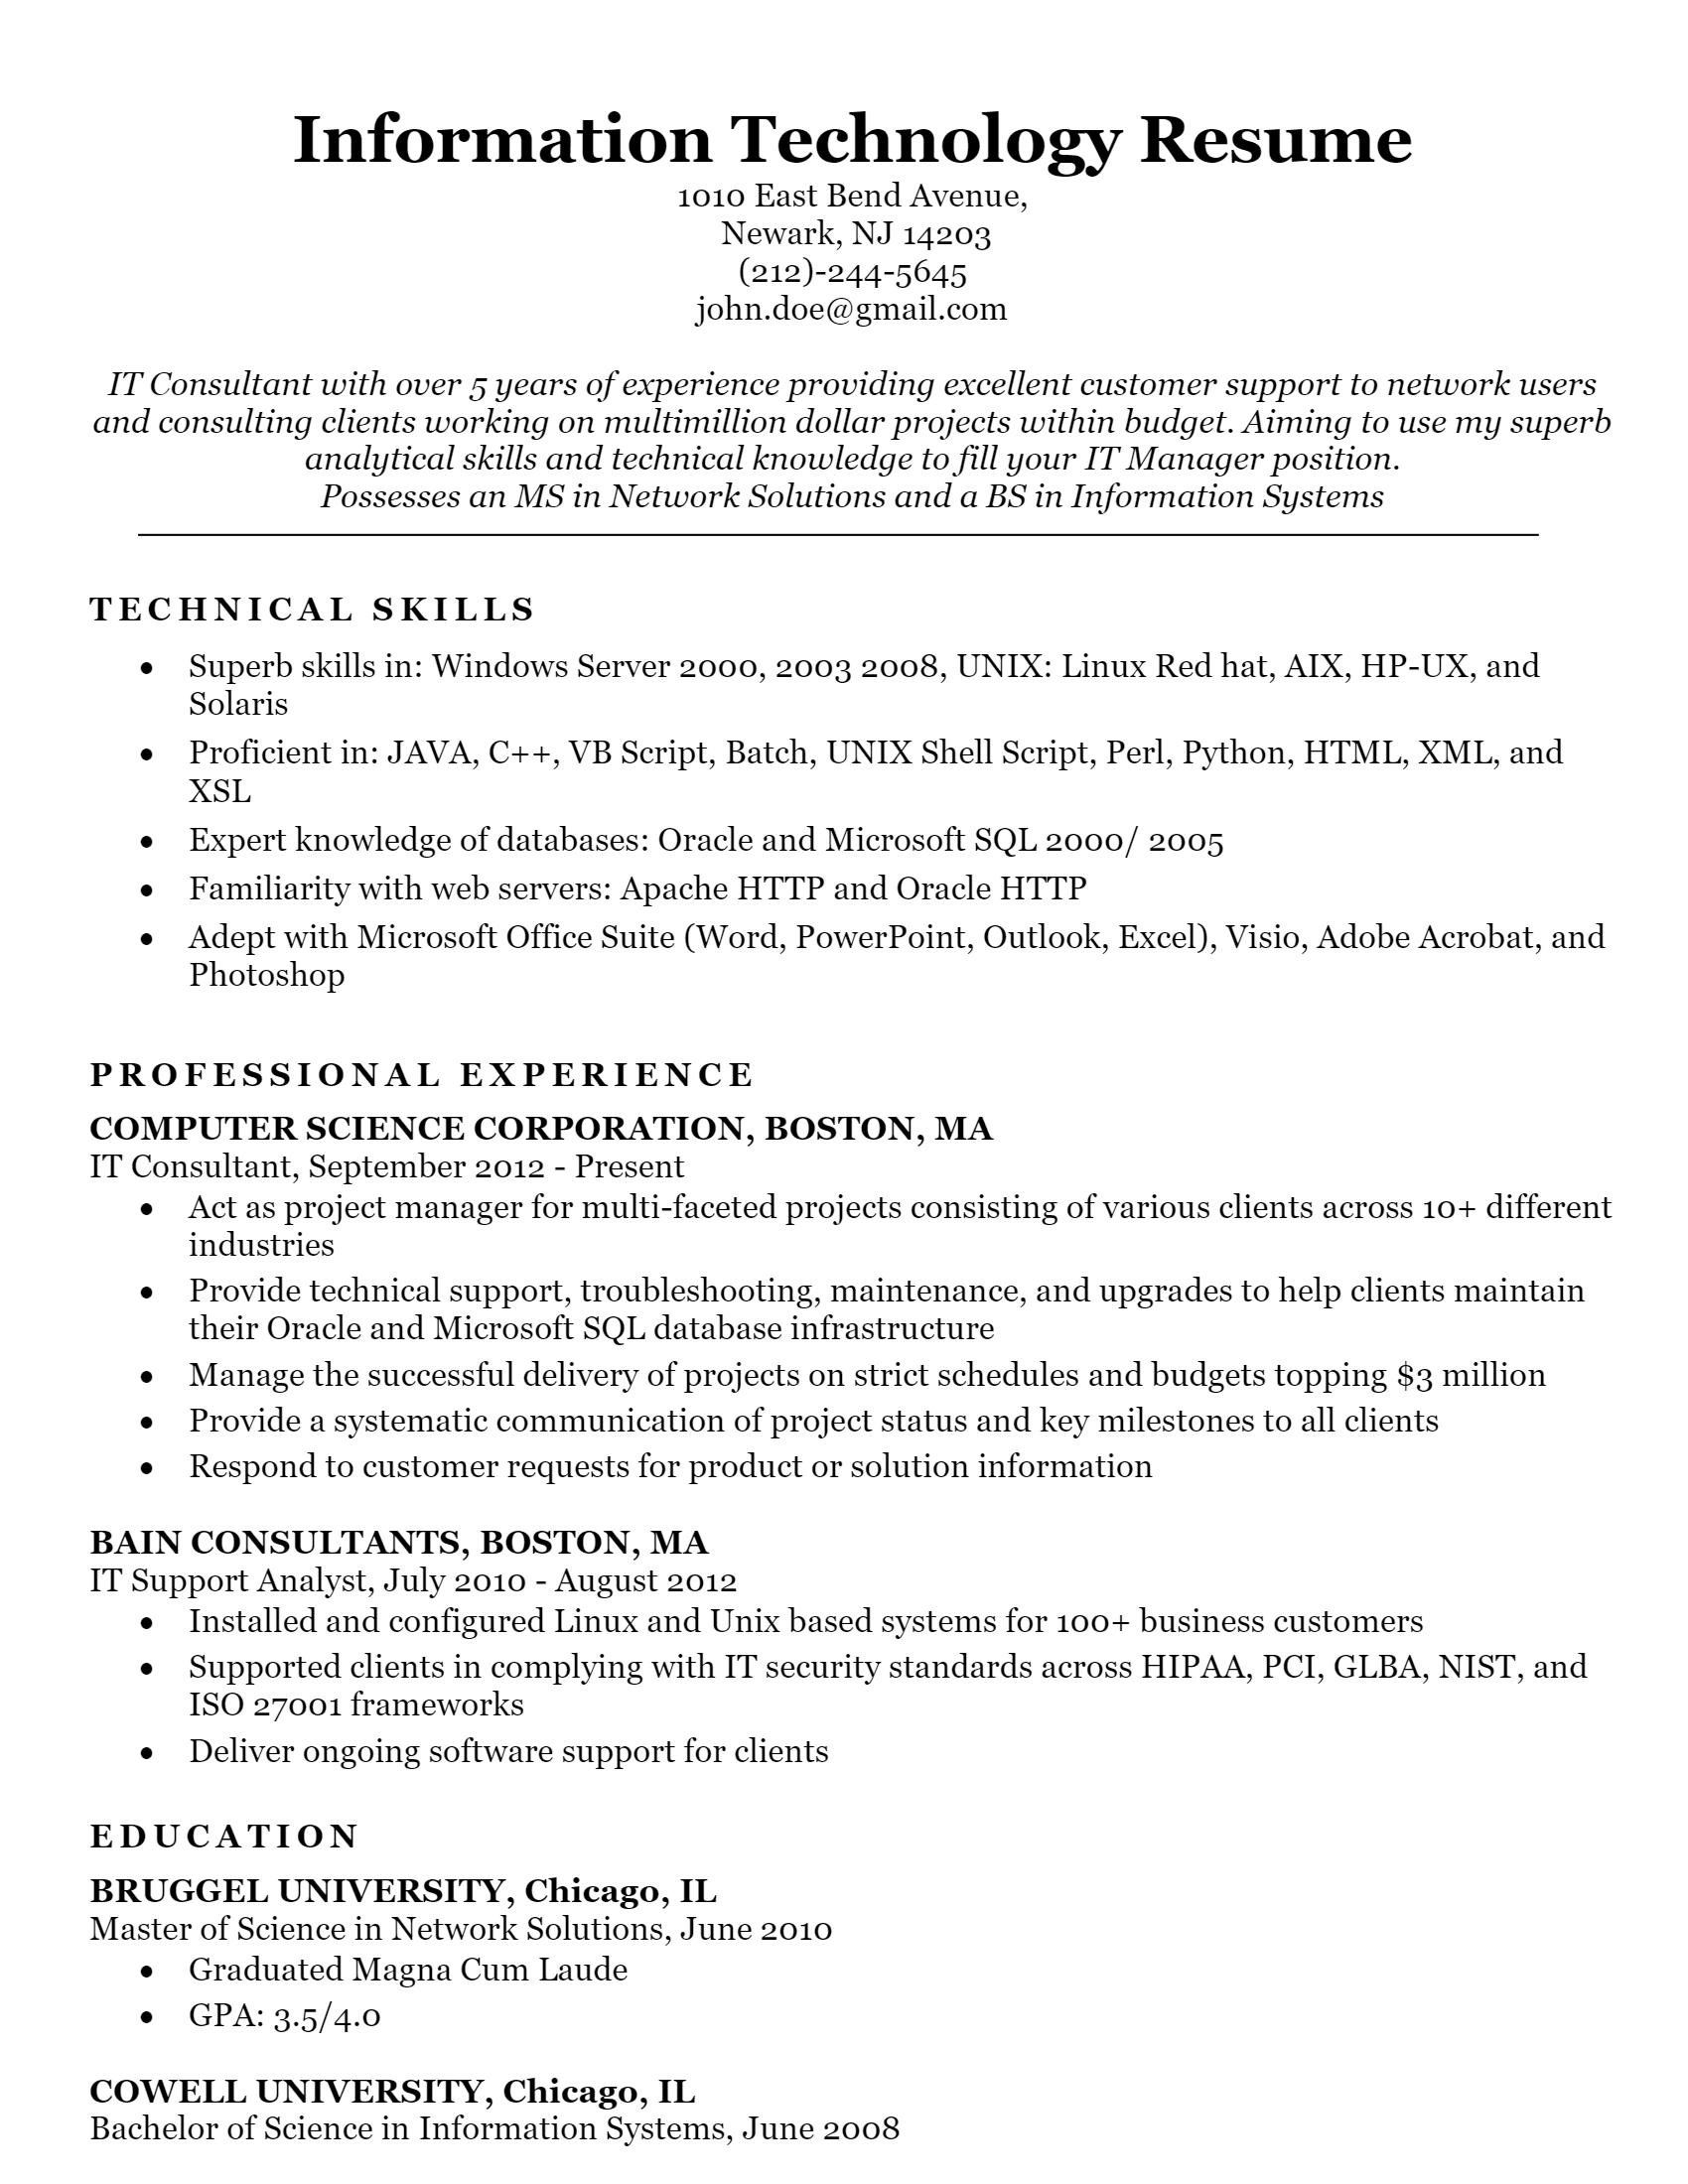 IT Resume > IT Resume .Docx (Word)